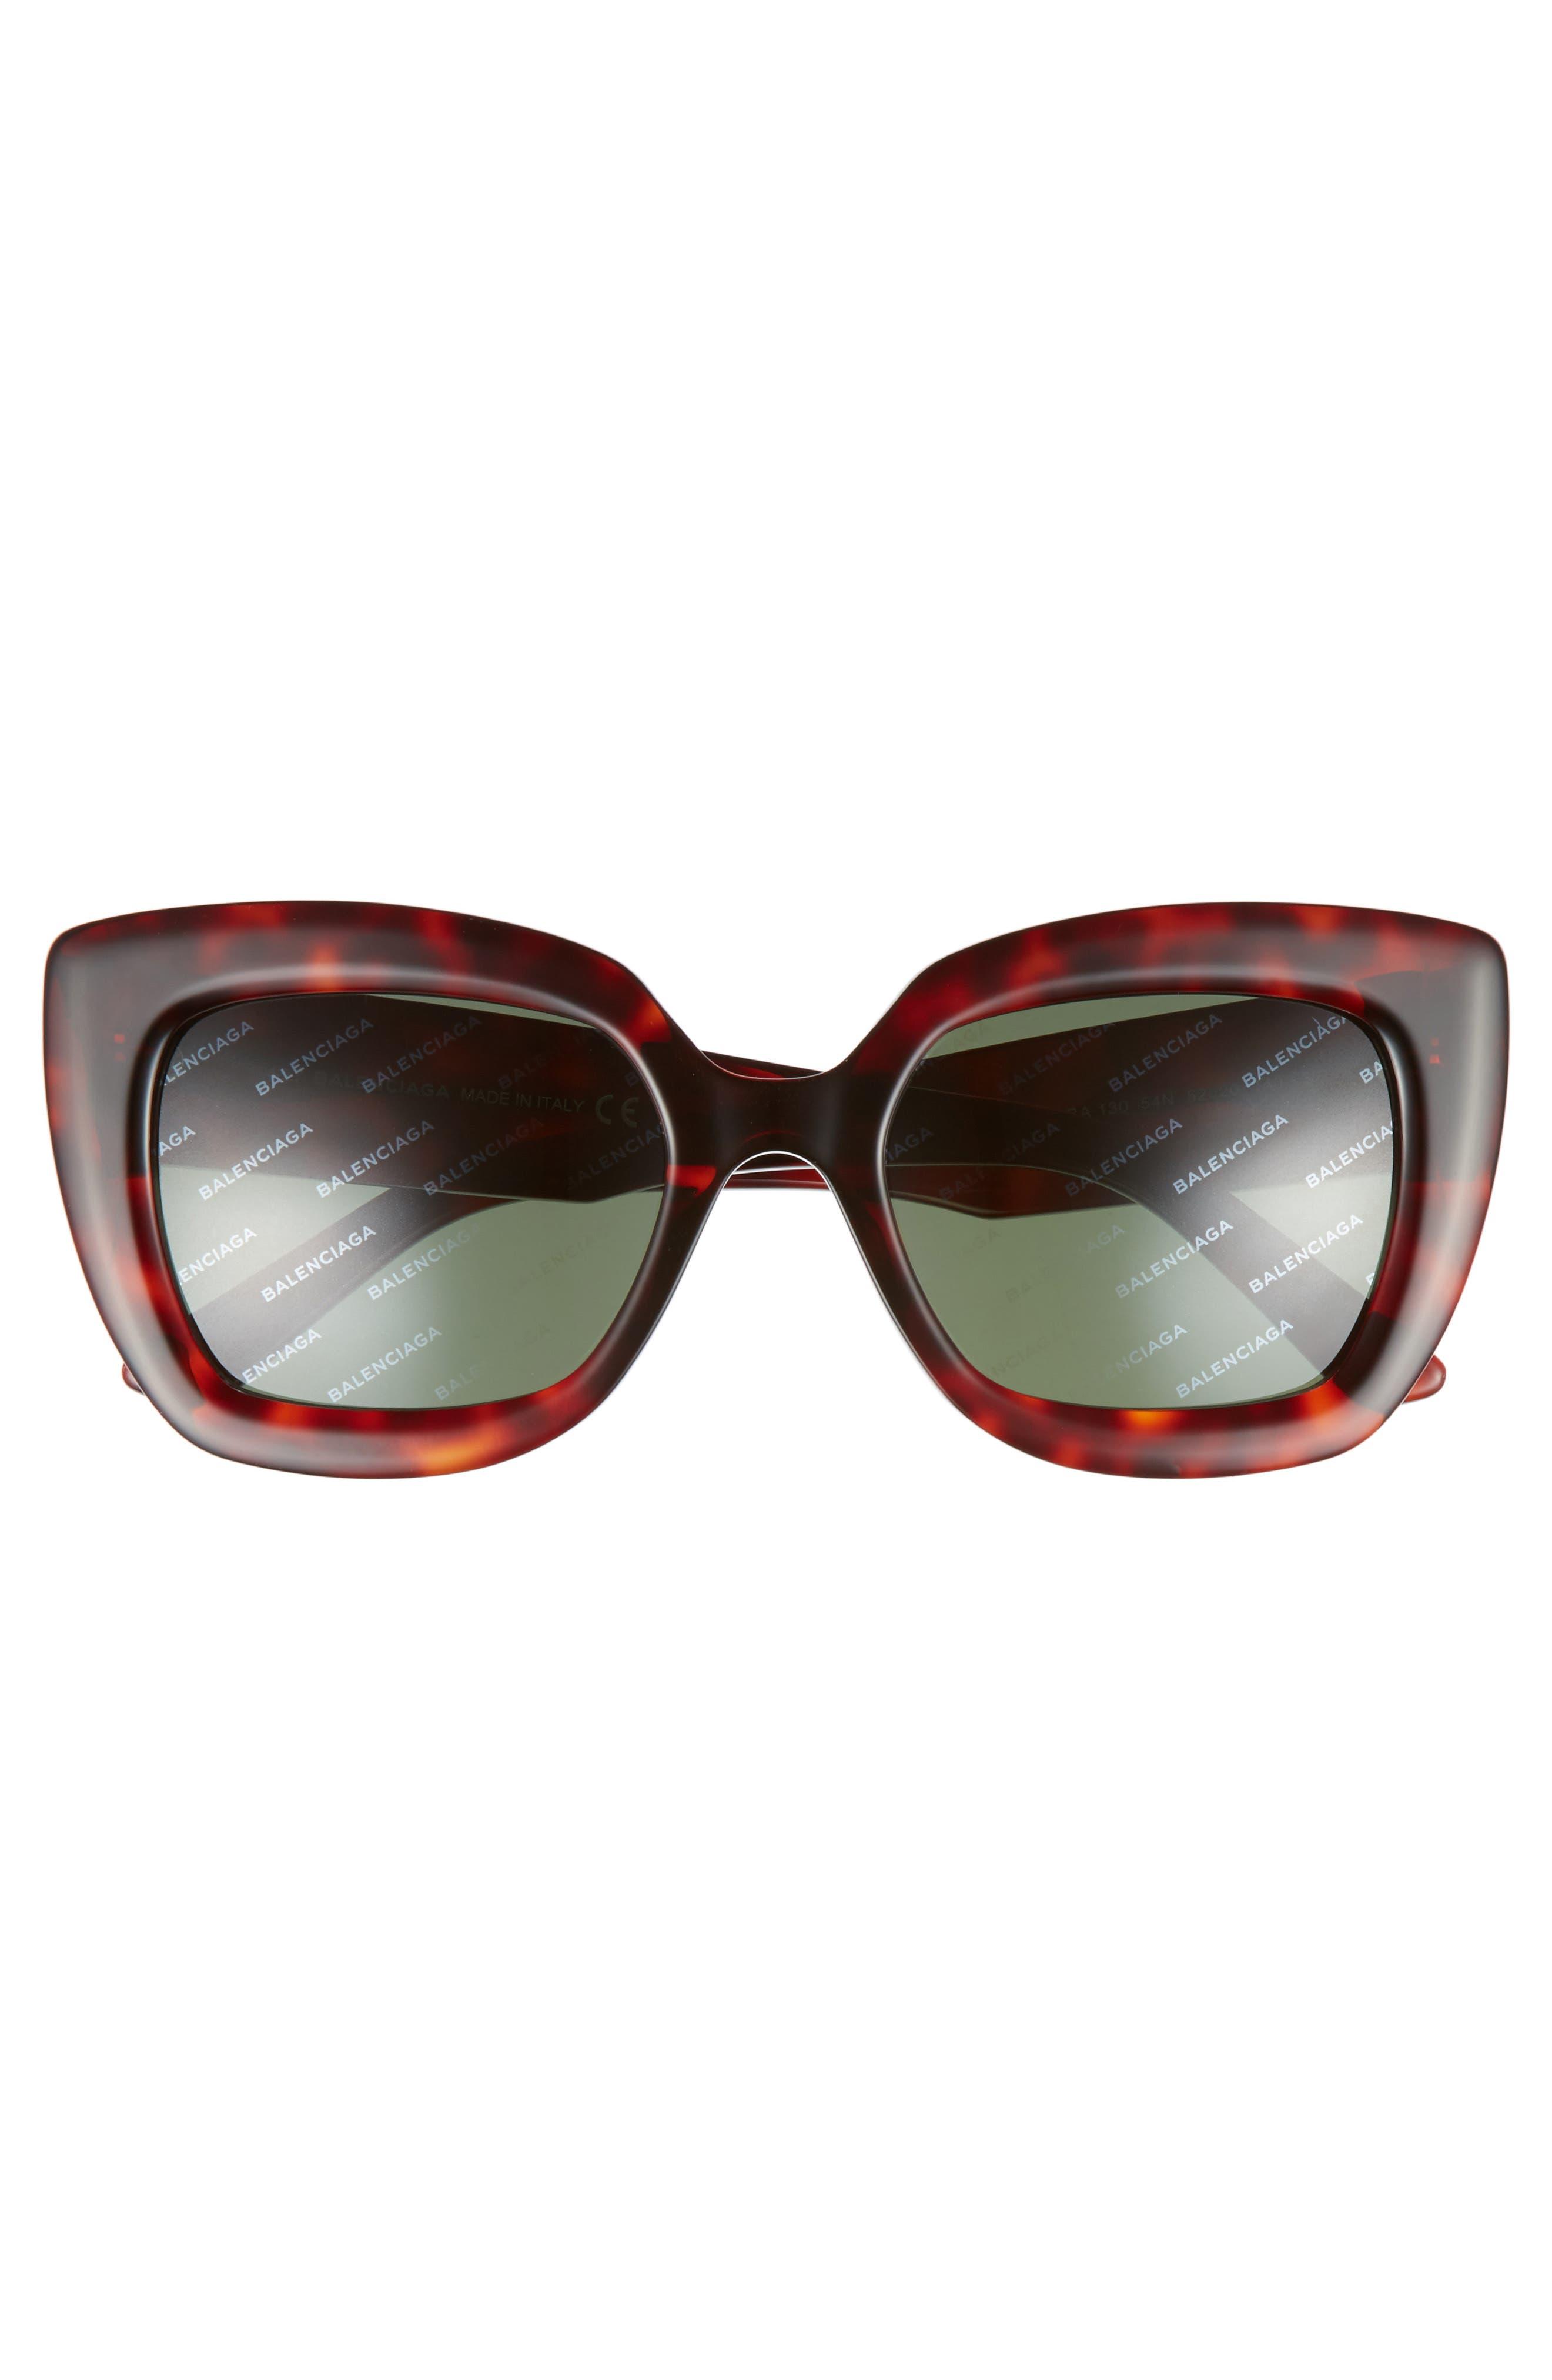 52mm Cat Eye Sunglasses,                             Alternate thumbnail 3, color,                             RED HAVANA/ GREEN